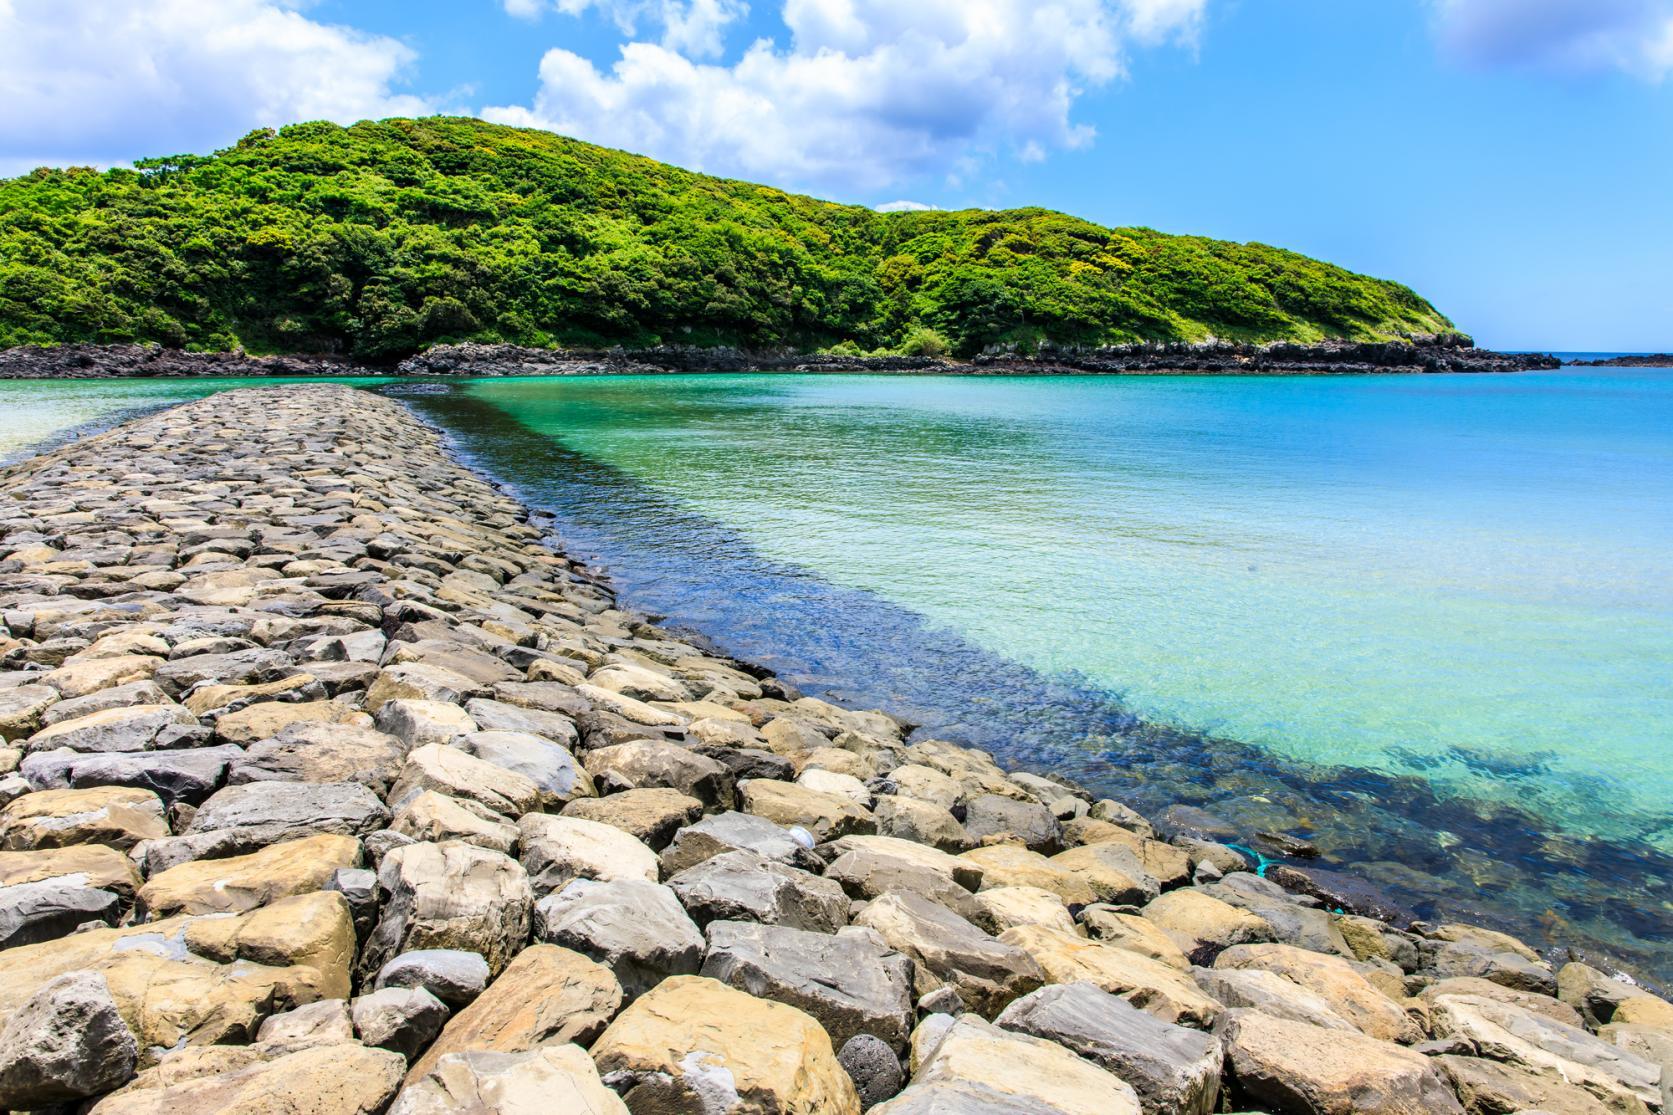 まるで玄界灘の宝石箱!広大な絶景ビーチでゆったり海水浴を-6